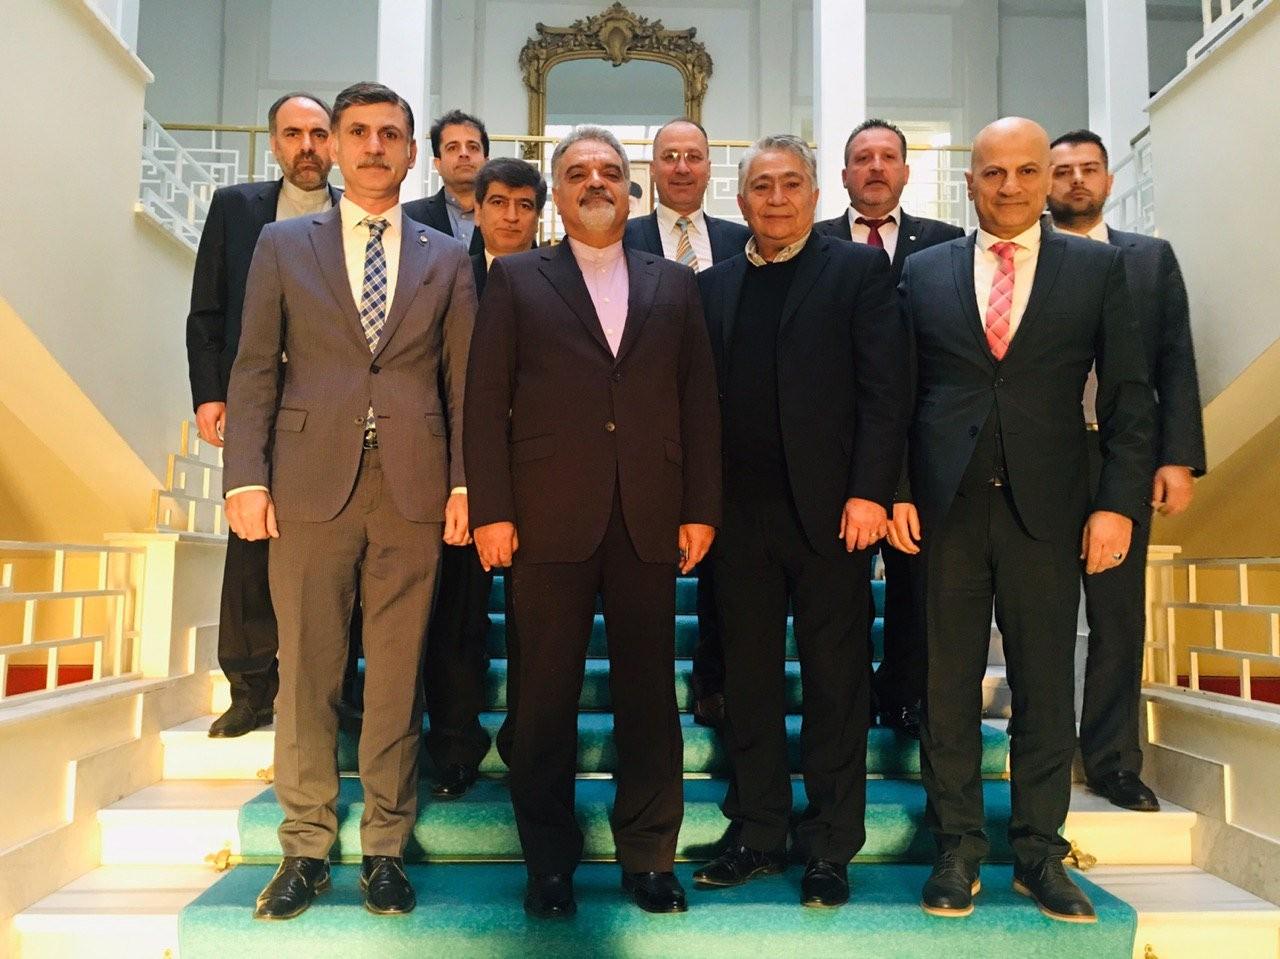 سفیر ایران درترکیه با اعضای هیات مدیره و روسای اتاق بازرگانی و منطقه آزاد ازمیر و منمن دیدار کرد